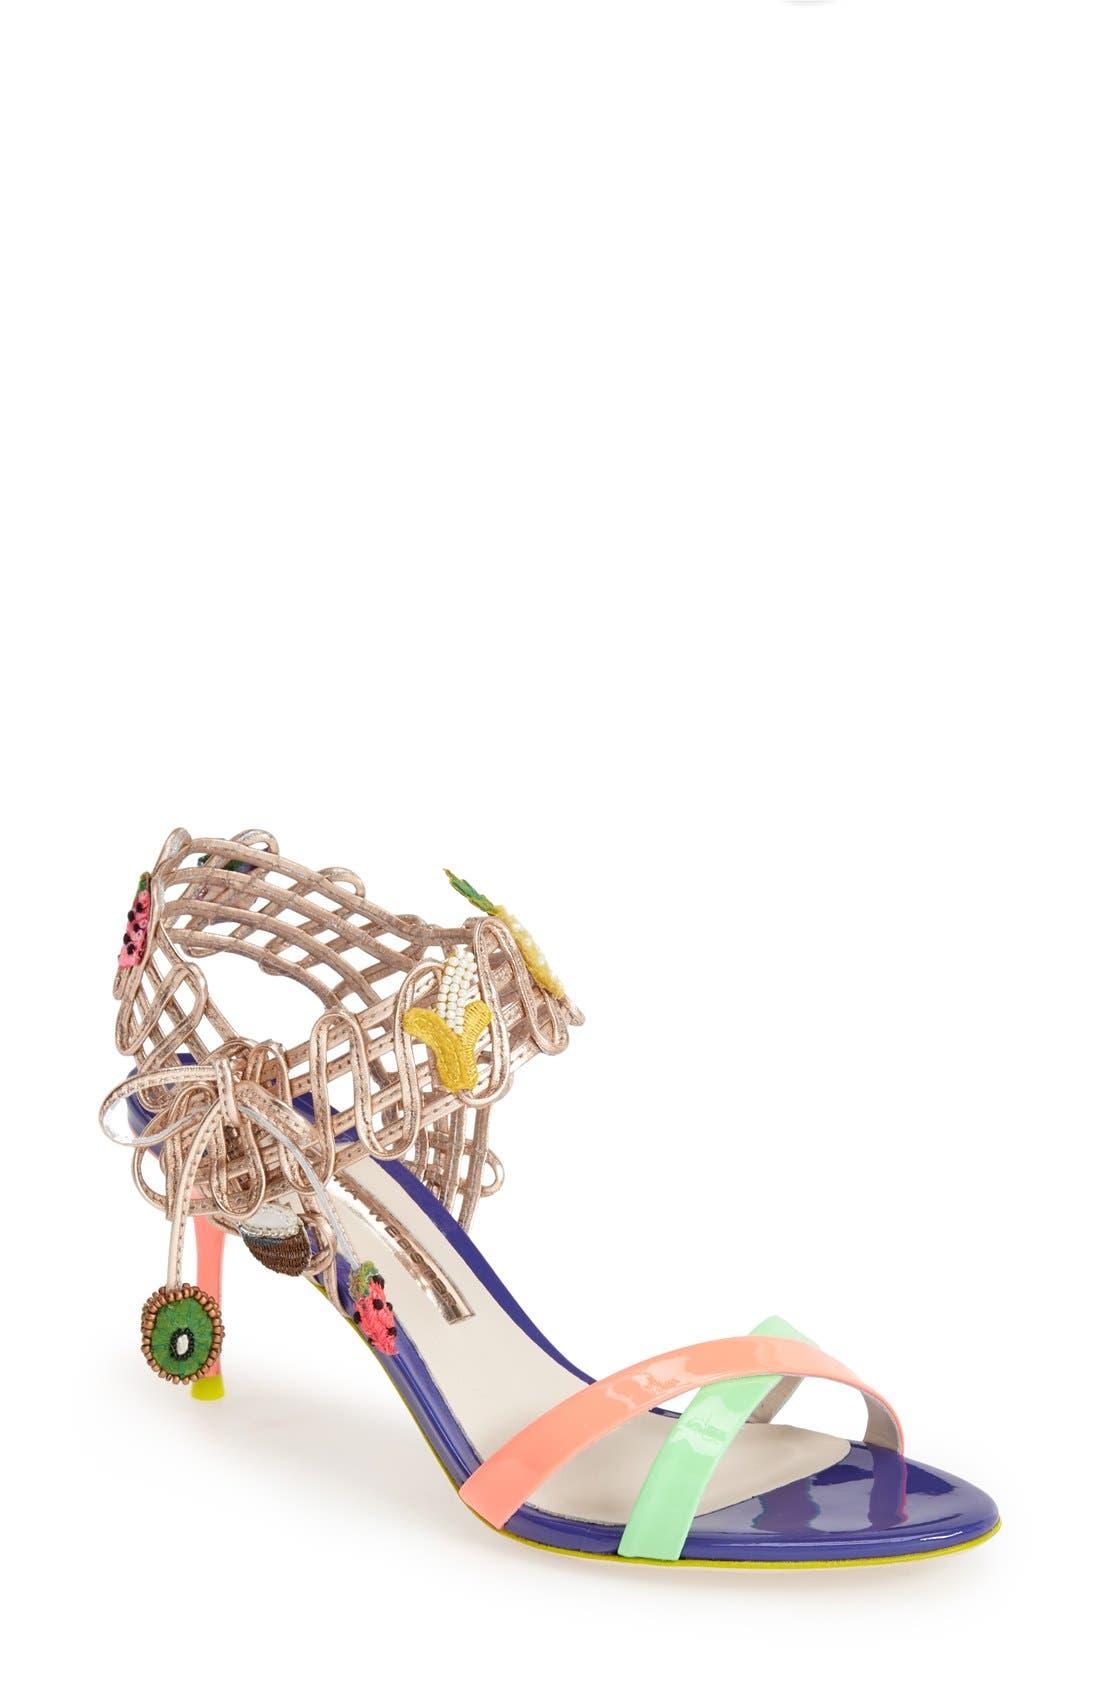 Alternate Image 1 Selected - Sophia Webster 'Delphine Fruit' Sandal (Women)